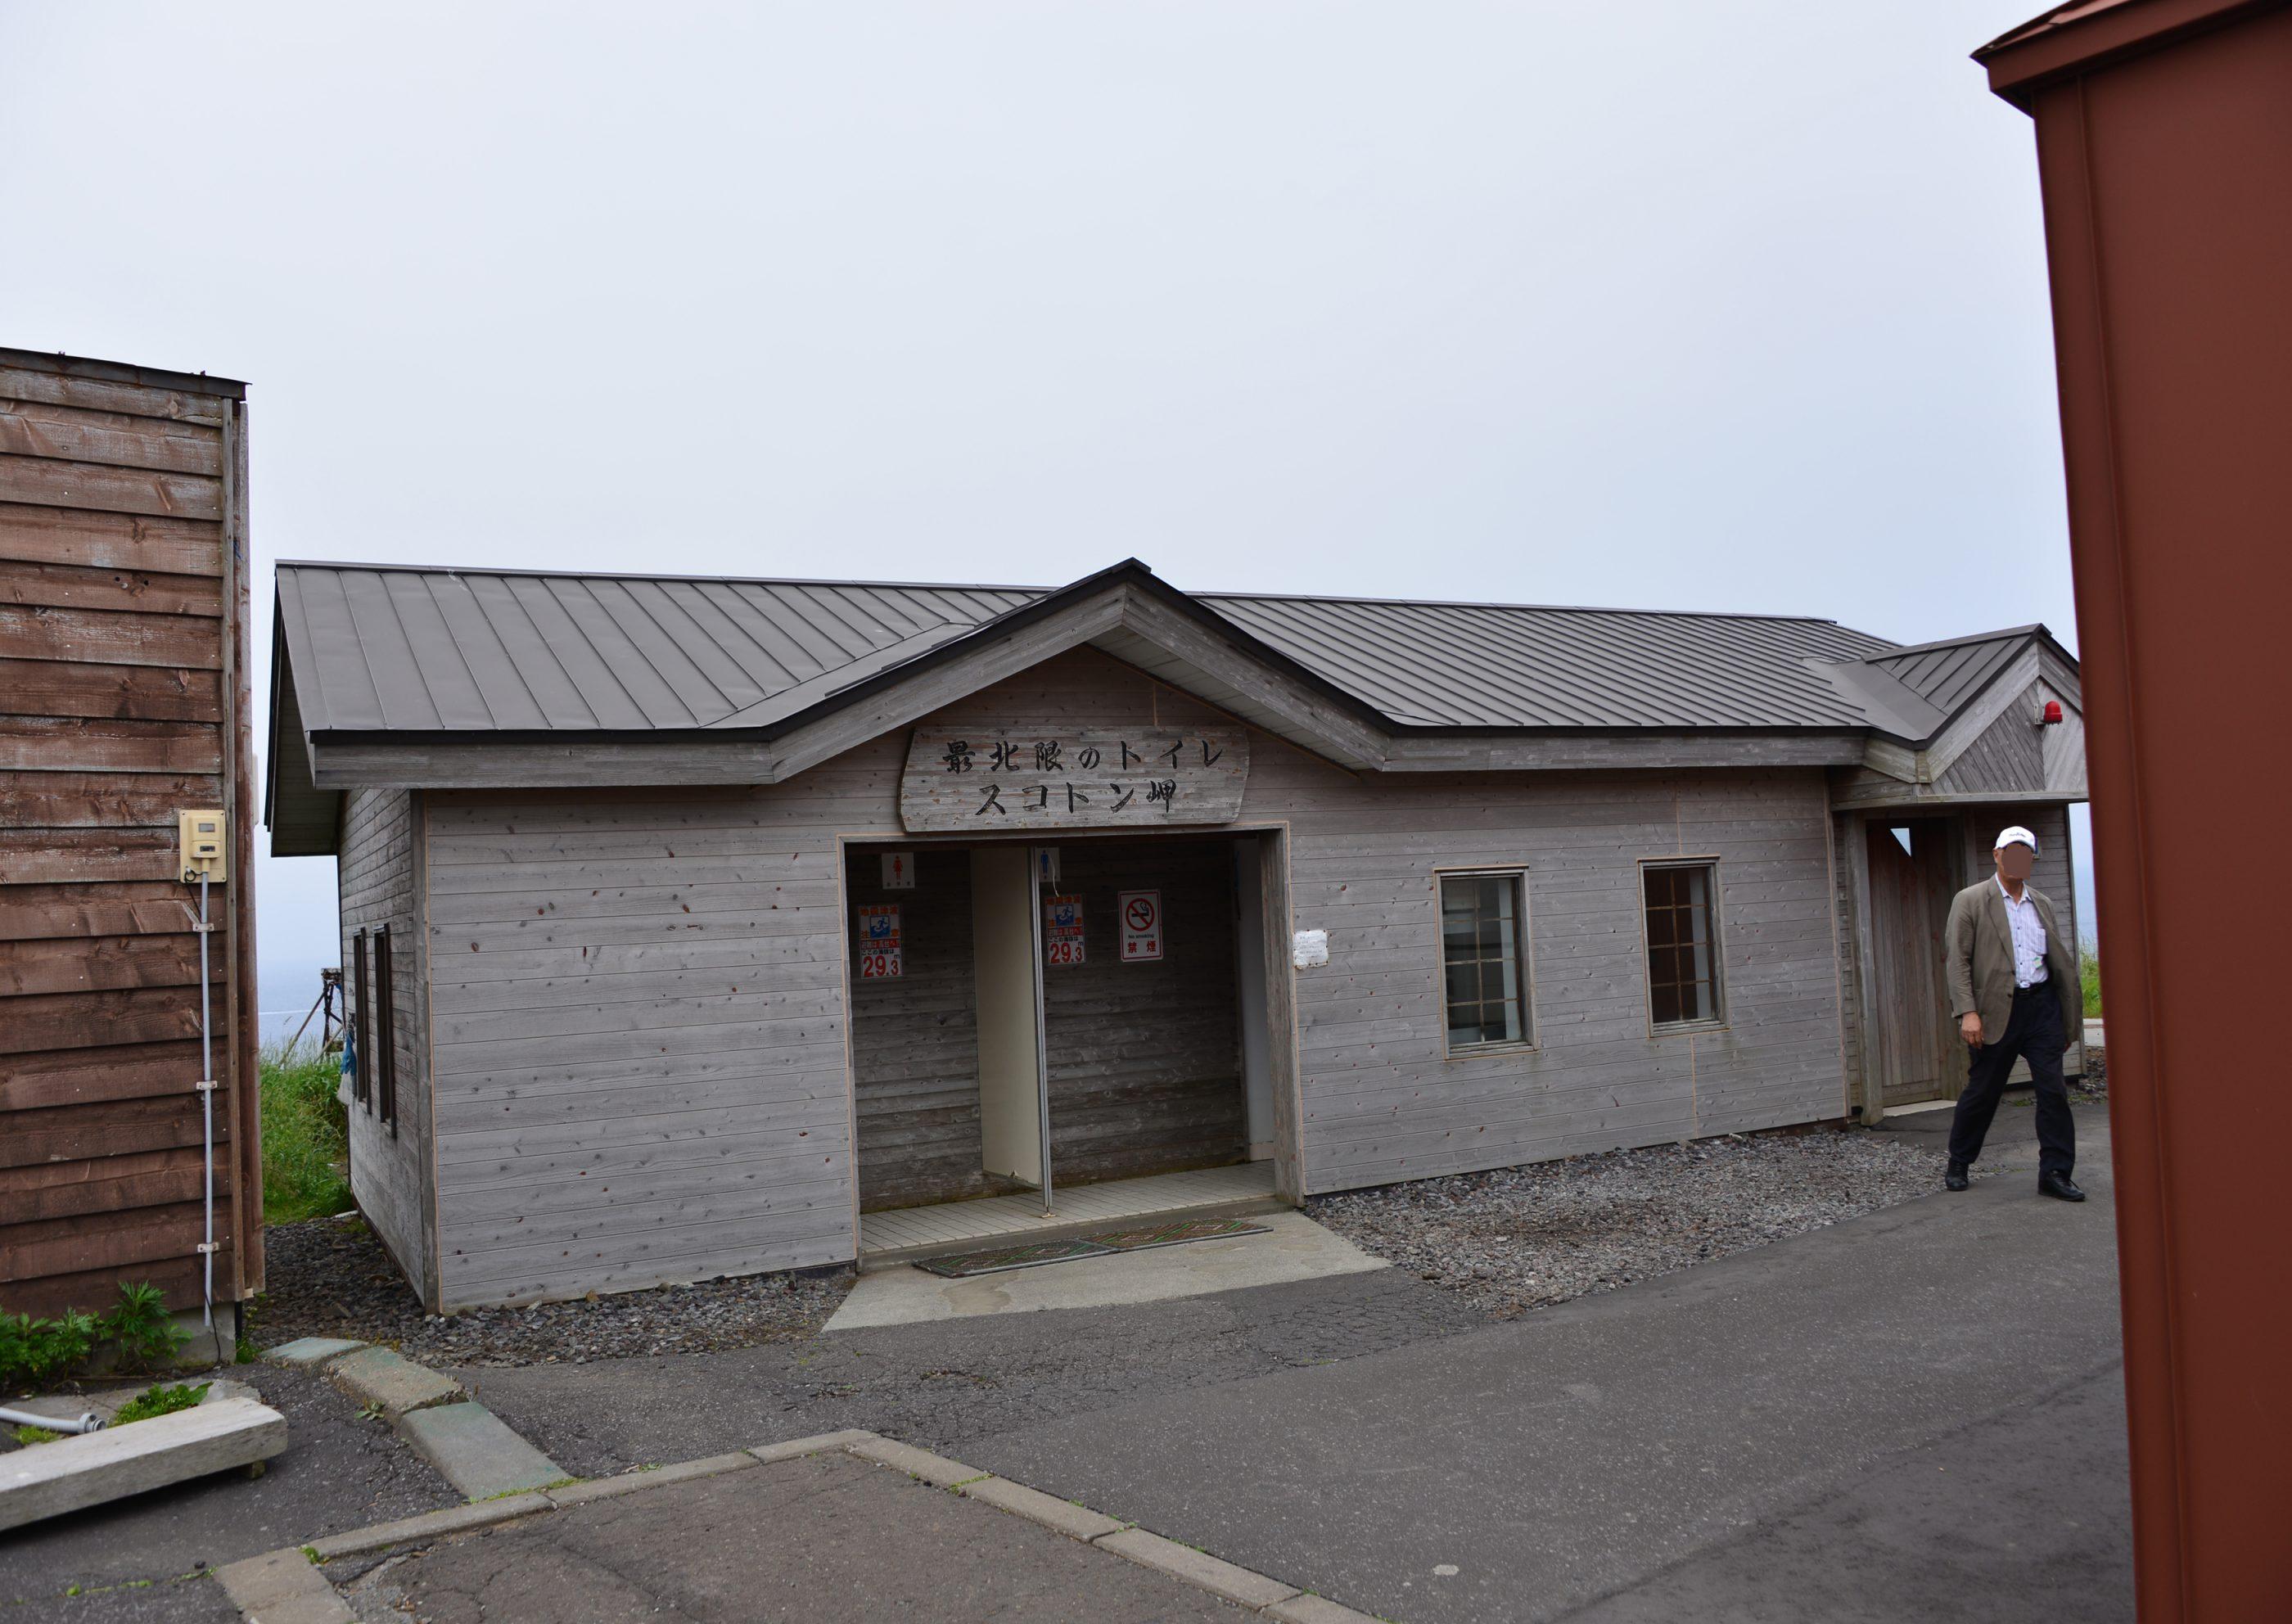 ⇑ 日本最北限の公衆便所、写真を撮る人が多いらしい。